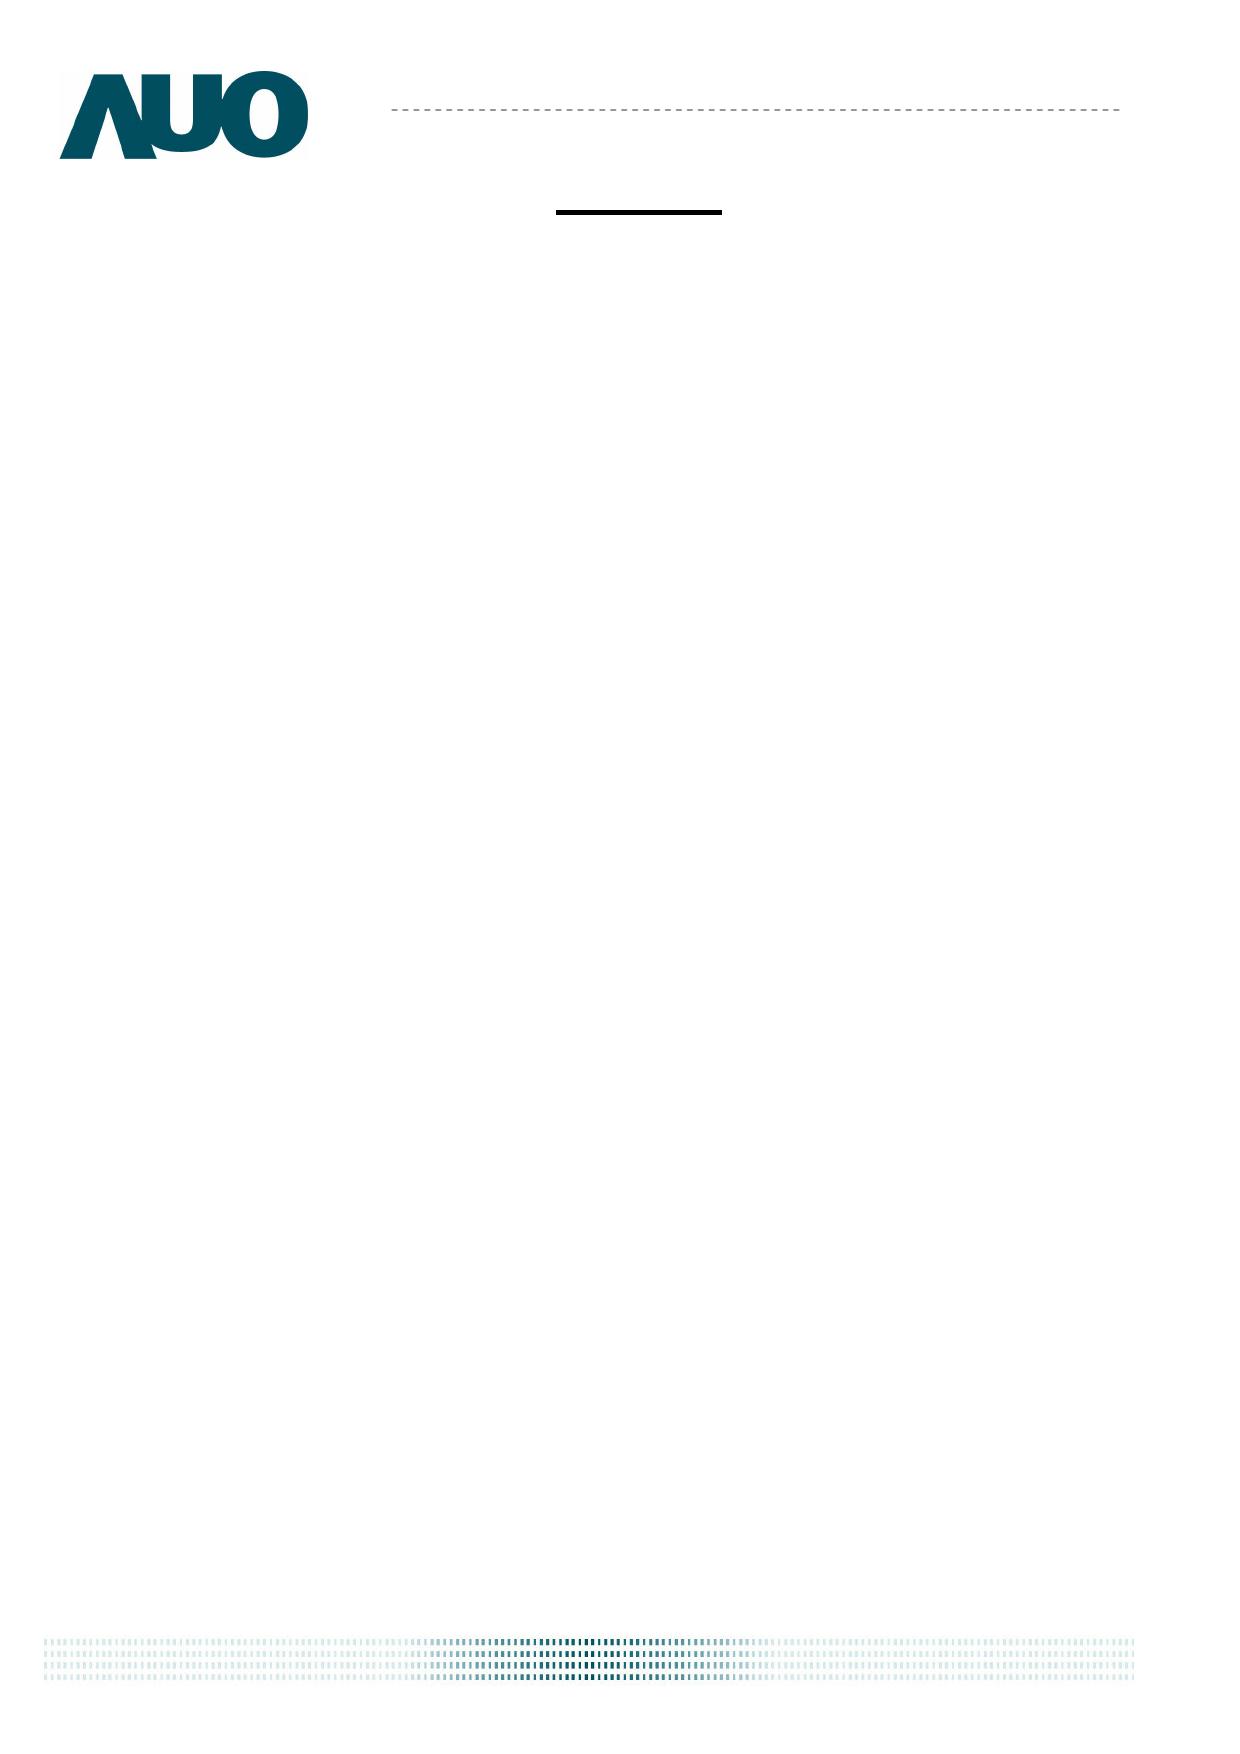 G057VN01_V1 Даташит, Описание, Даташиты